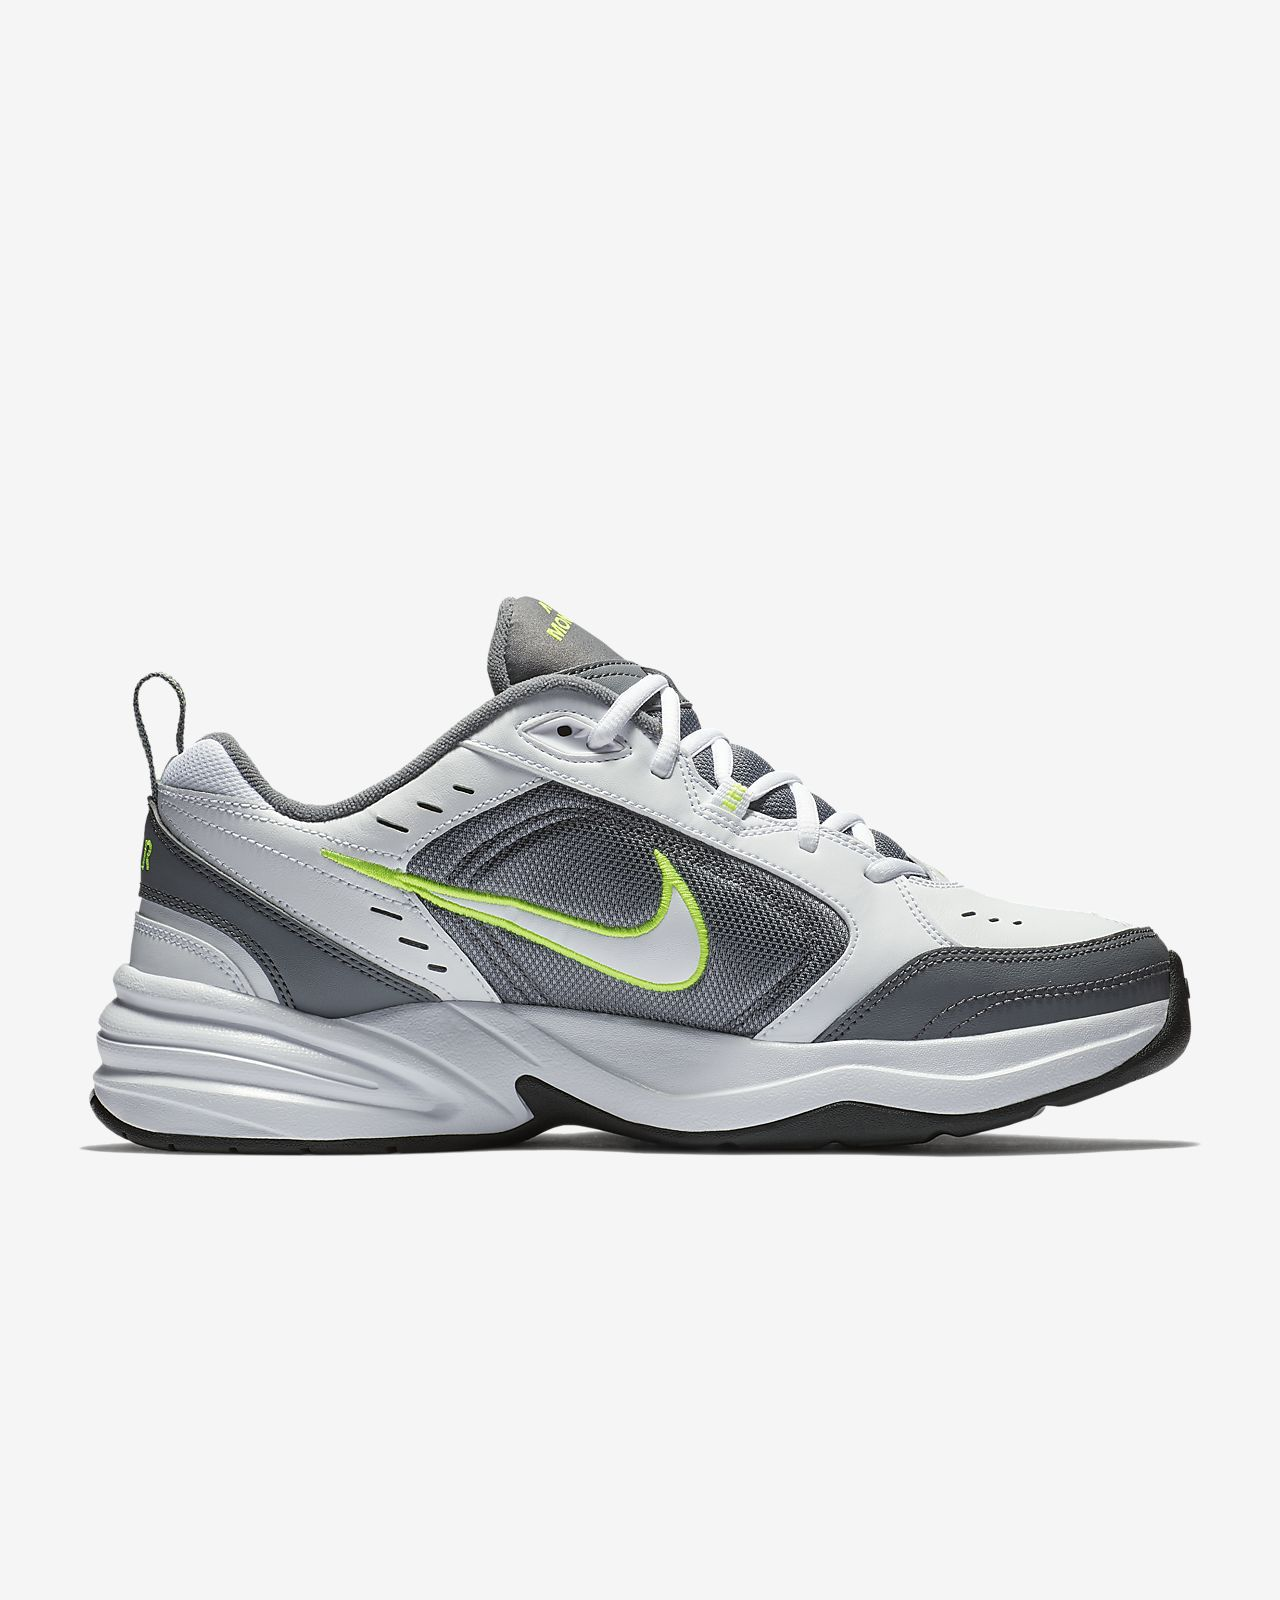 a83ef71e8c6b2 Nike Air Monarch IV Zapatillas de lifestyle y para el gimnasio. Nike ...